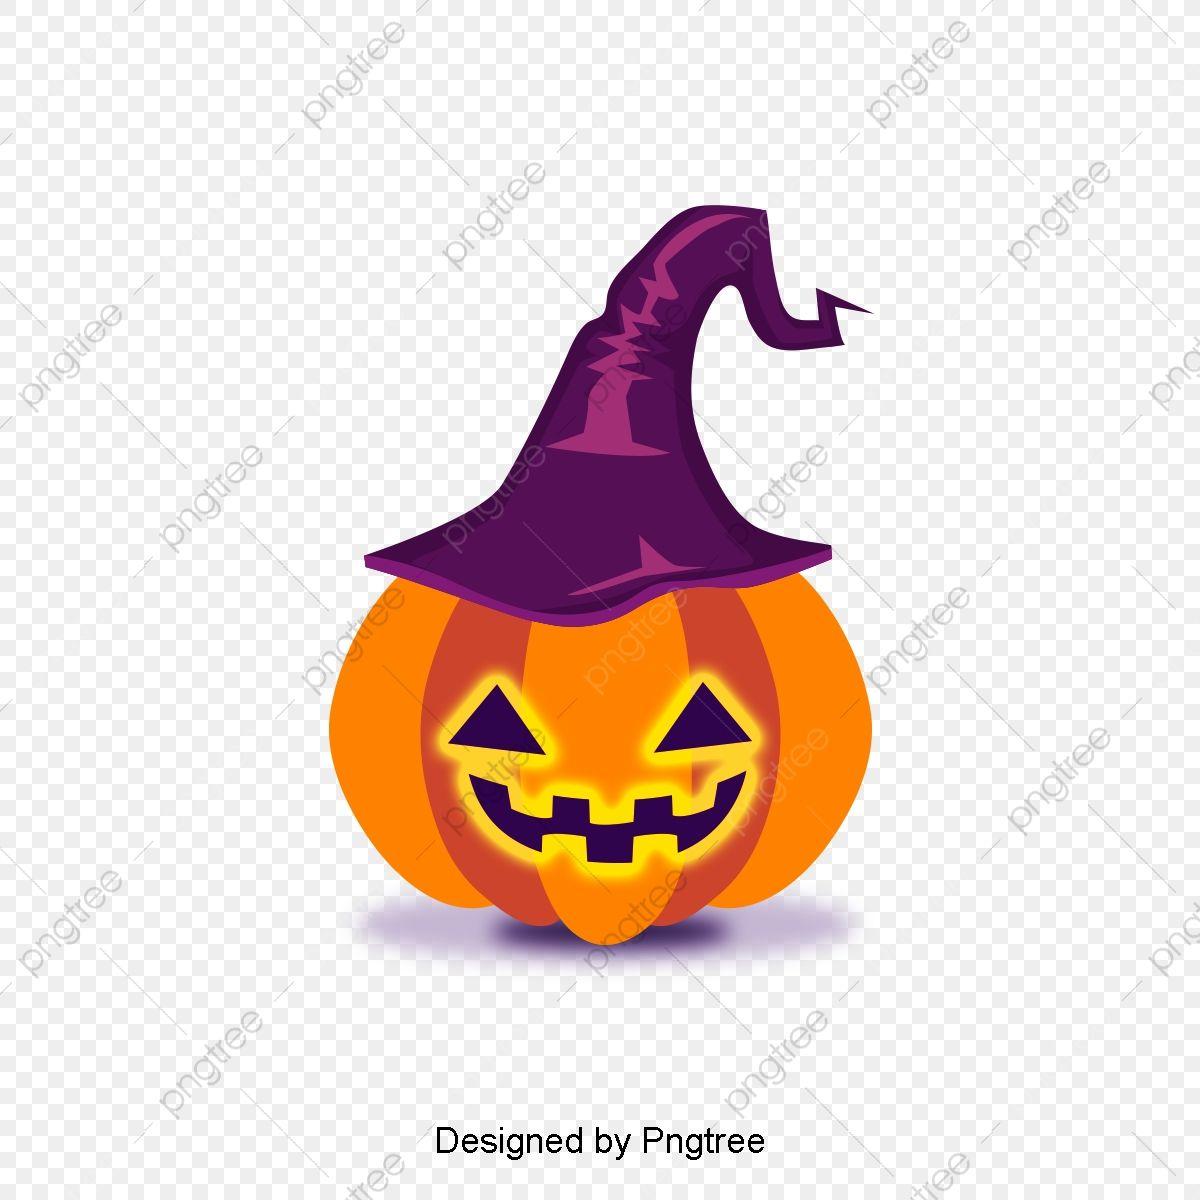 Halloween Transparent Png Images Stickpng Pumpkin Pumpkin Seed Recipes Pumpkin Seeds Baked